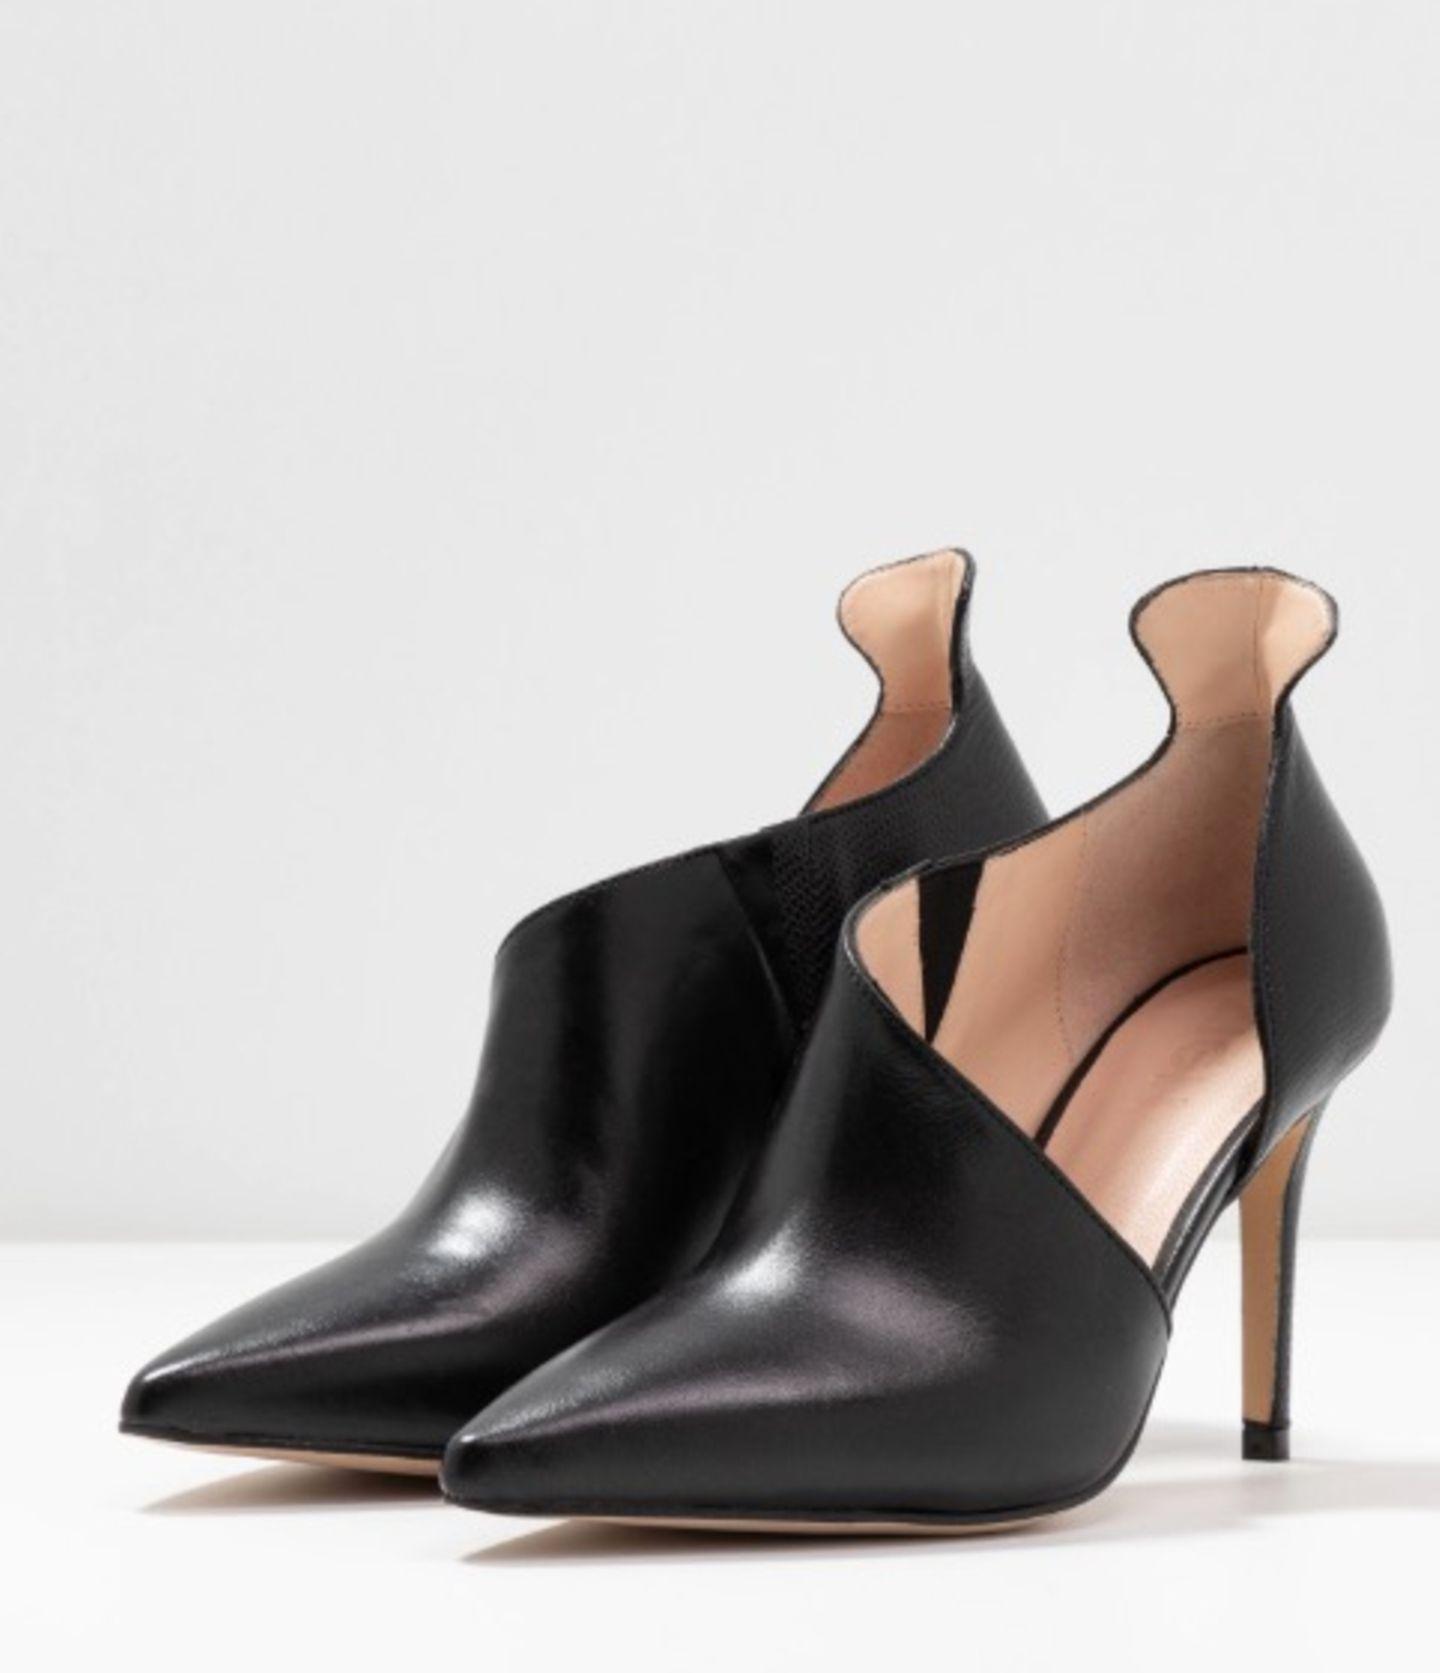 High Heels machen aus einem sportlichen Look im Nu einen eleganten Look, deswegen können wir auch nicht ohne, wenn es darum geht, unserem Style ein bisschen Glamour zu verpassen. Diese Schätzchen sind halb Pump,halb Stiefelette und deswegen genau richtig für alle Fashionistas. Von Zign über zalando, um 100 Euro.